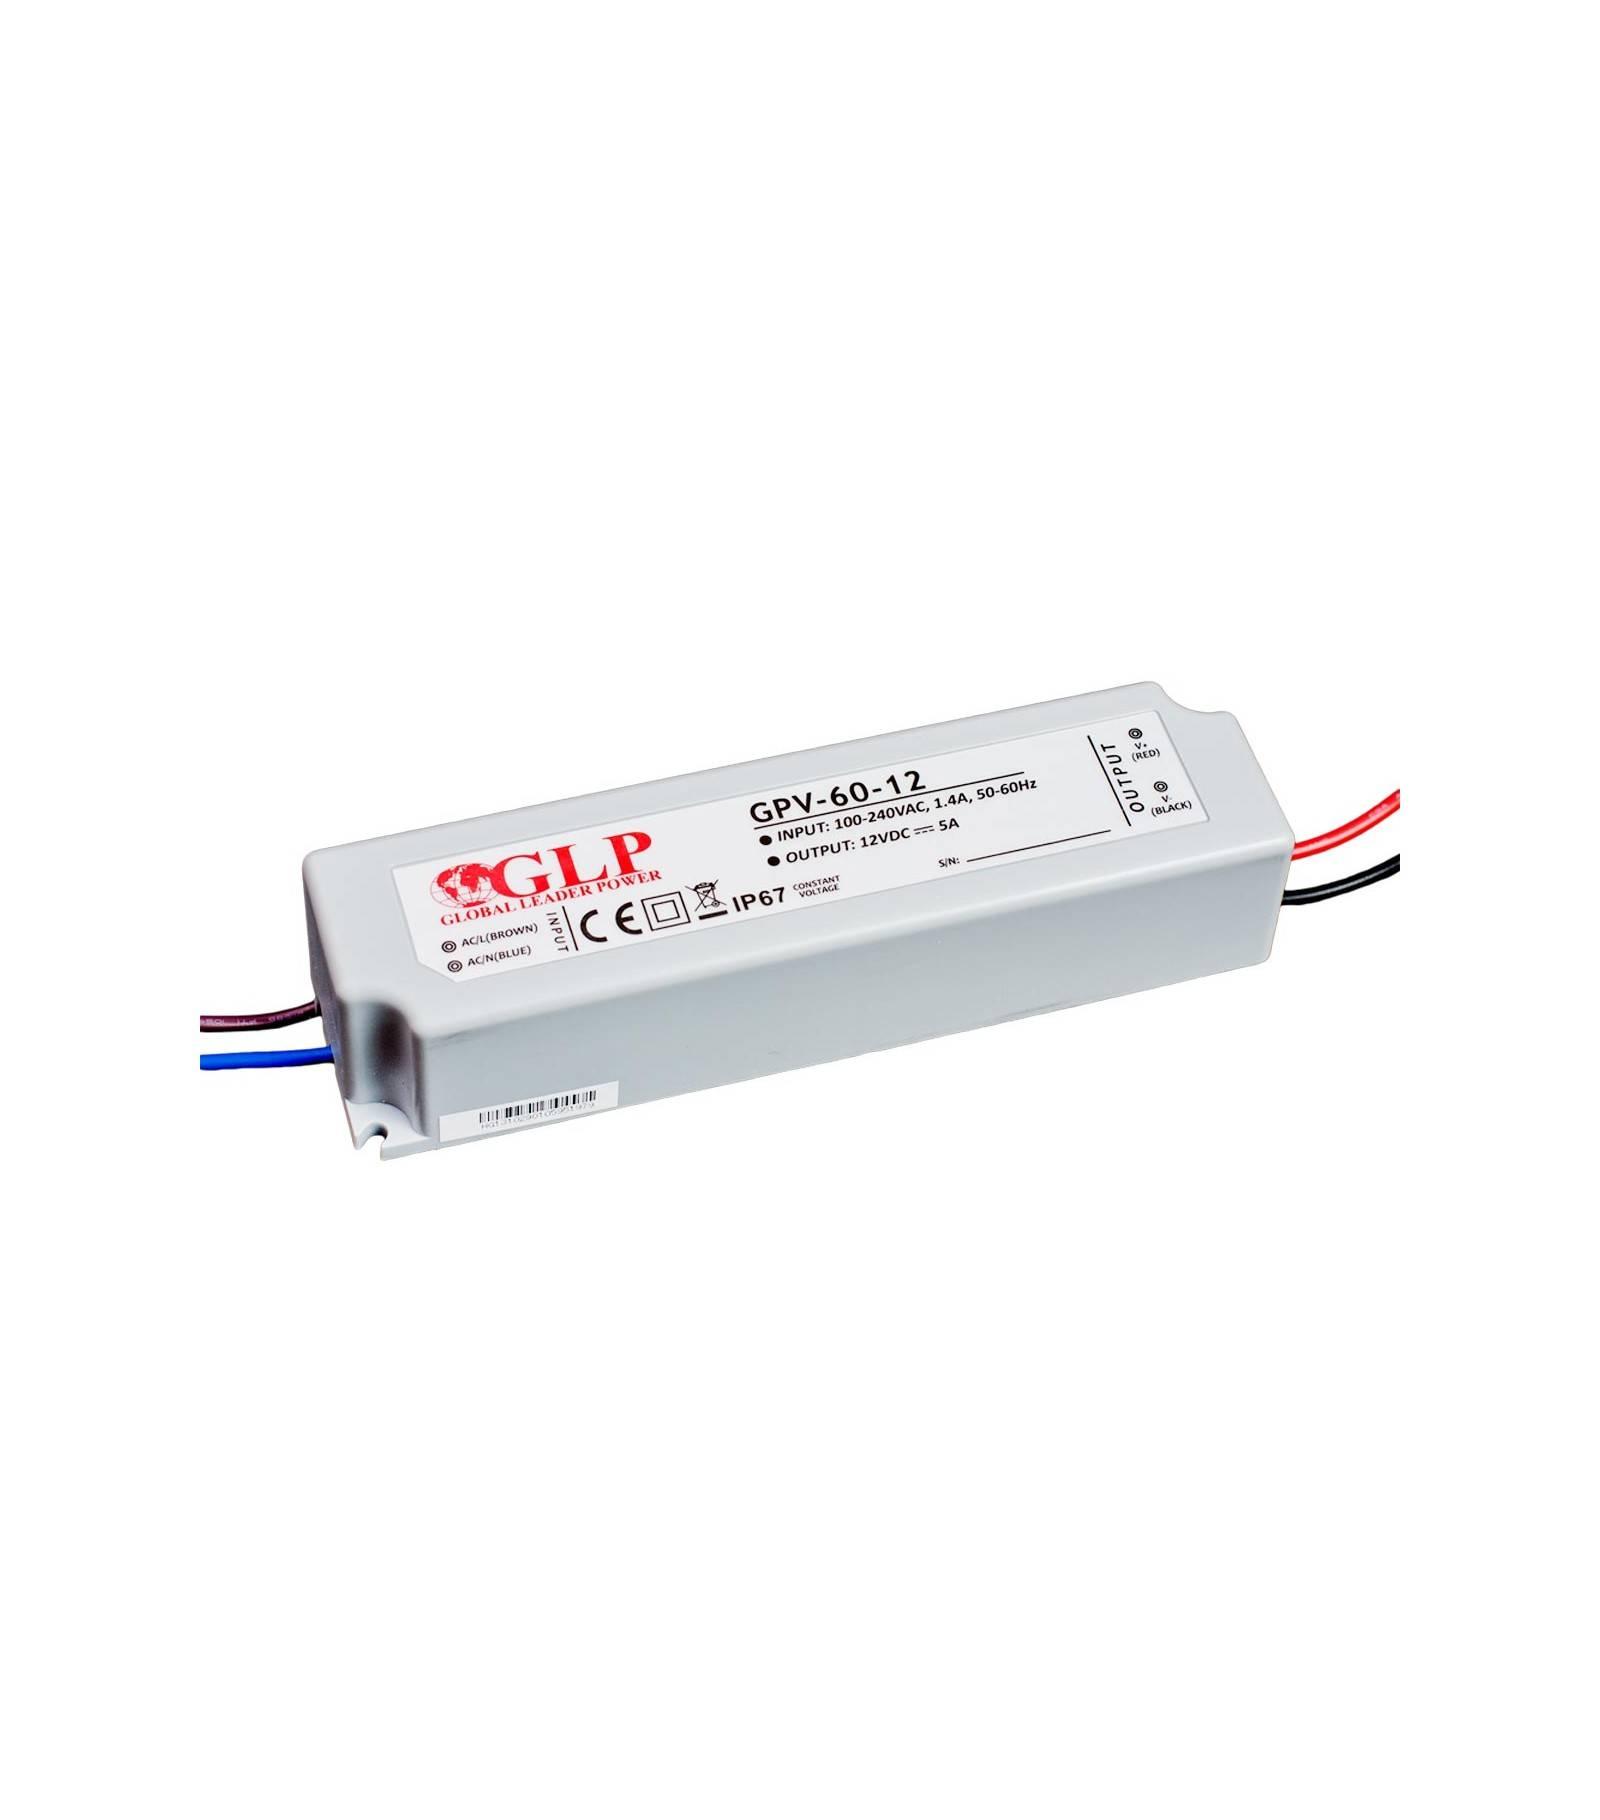 GLP Transformateur spécial Led 12V de 60W GPV-60-12 GLP - GLP-GPV-60-12